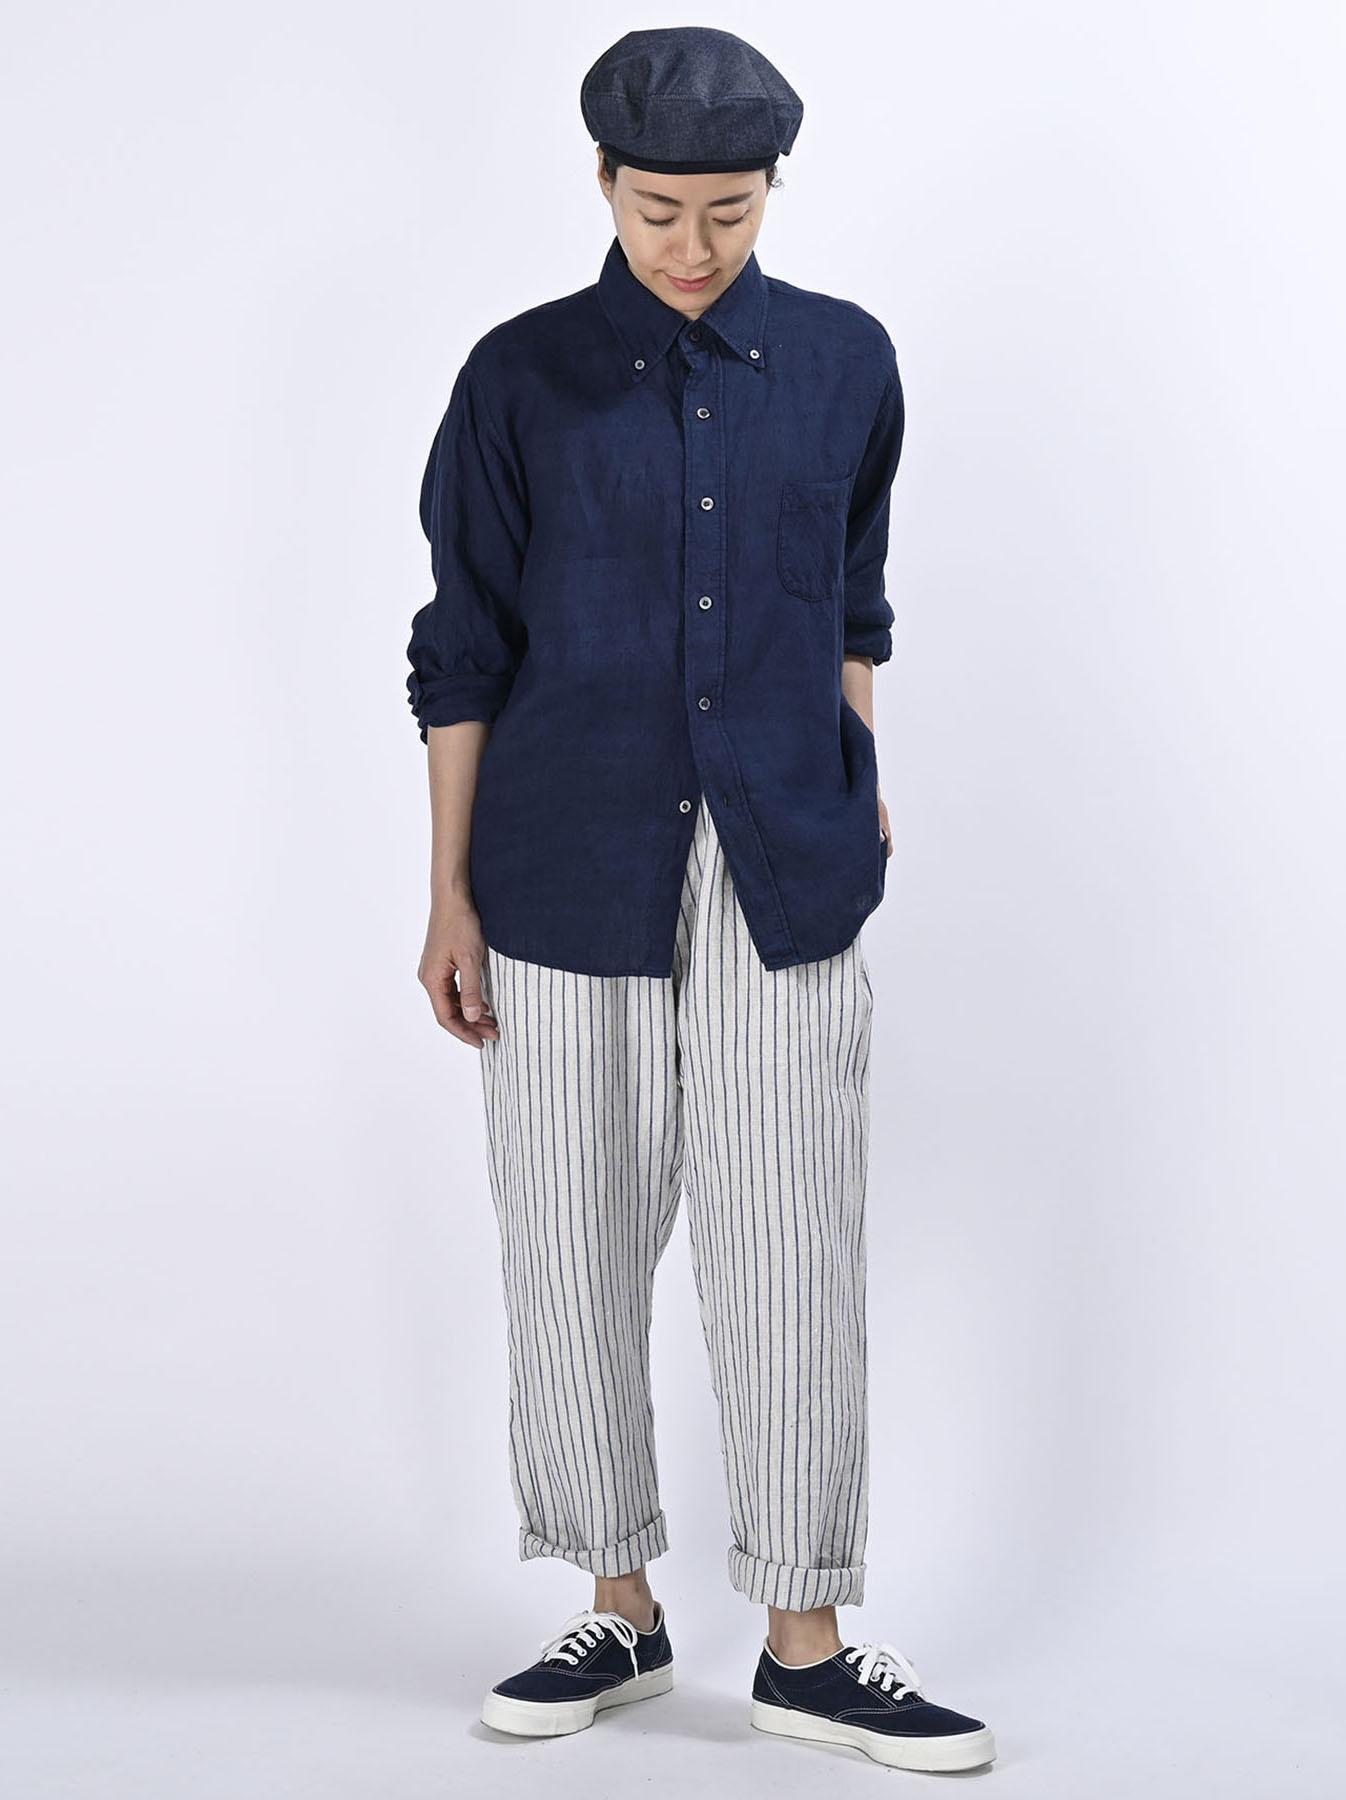 Indigo Indian Linen Flat 908 Ocean Shirt (0521)-2